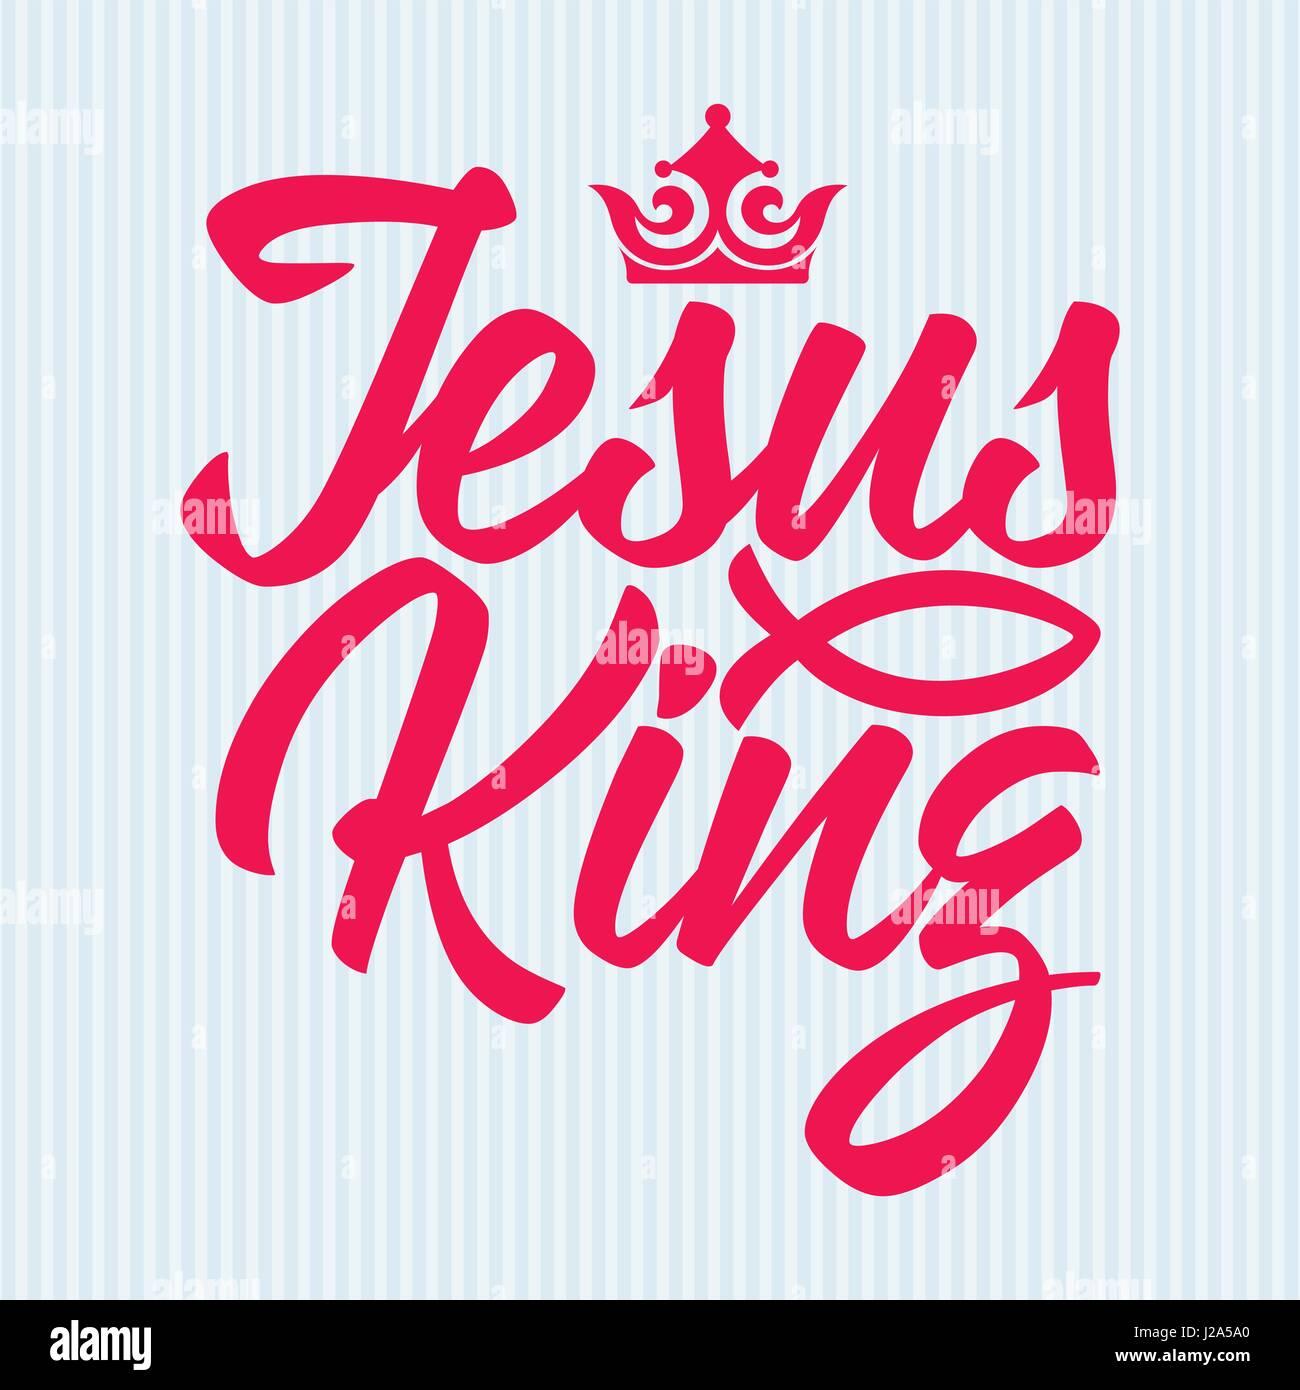 Jesus King Stock Photos & Jesus King Stock Images - Alamy